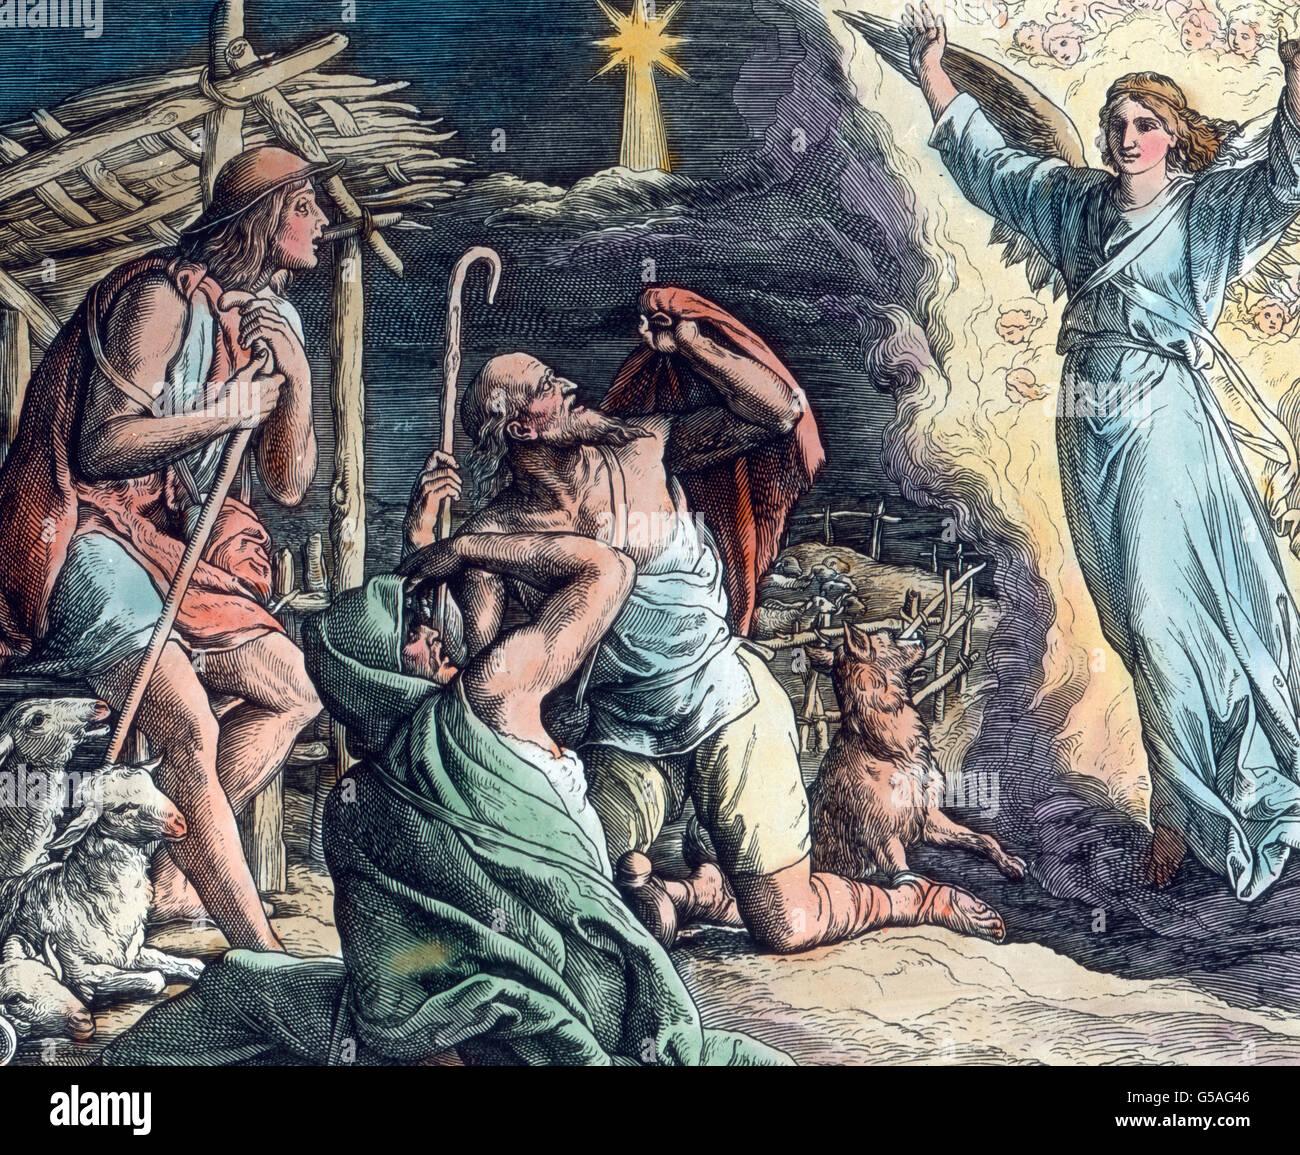 Hirten Bilder Weihnachten.Ein Engel Verkündet Den Kann Sterben Frohe Beschaffenheit